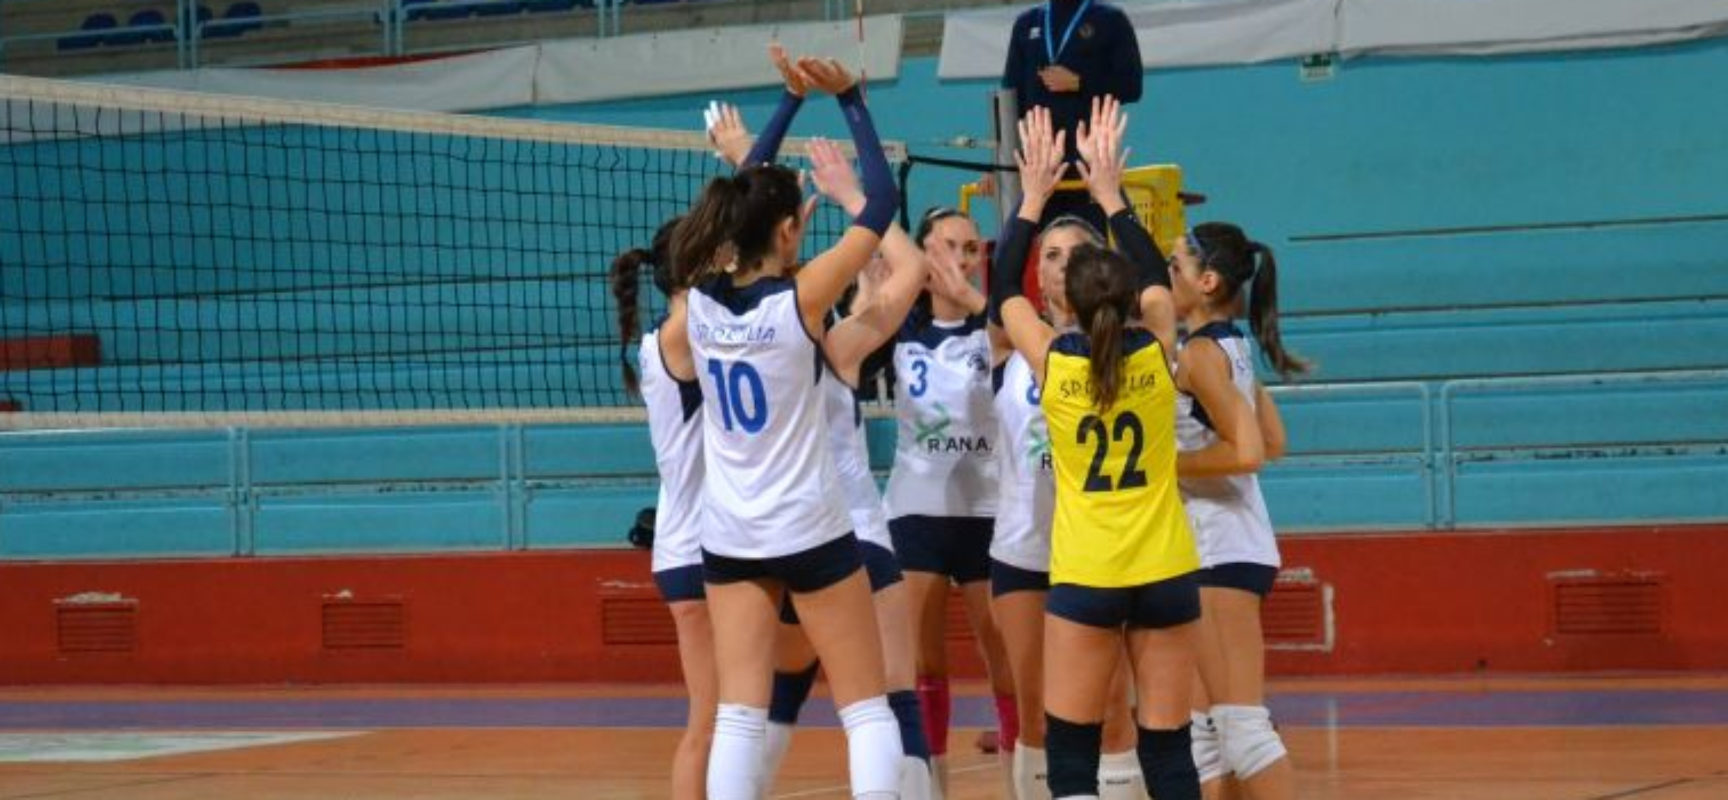 Covid superato, Sportilia Volley torna in campo